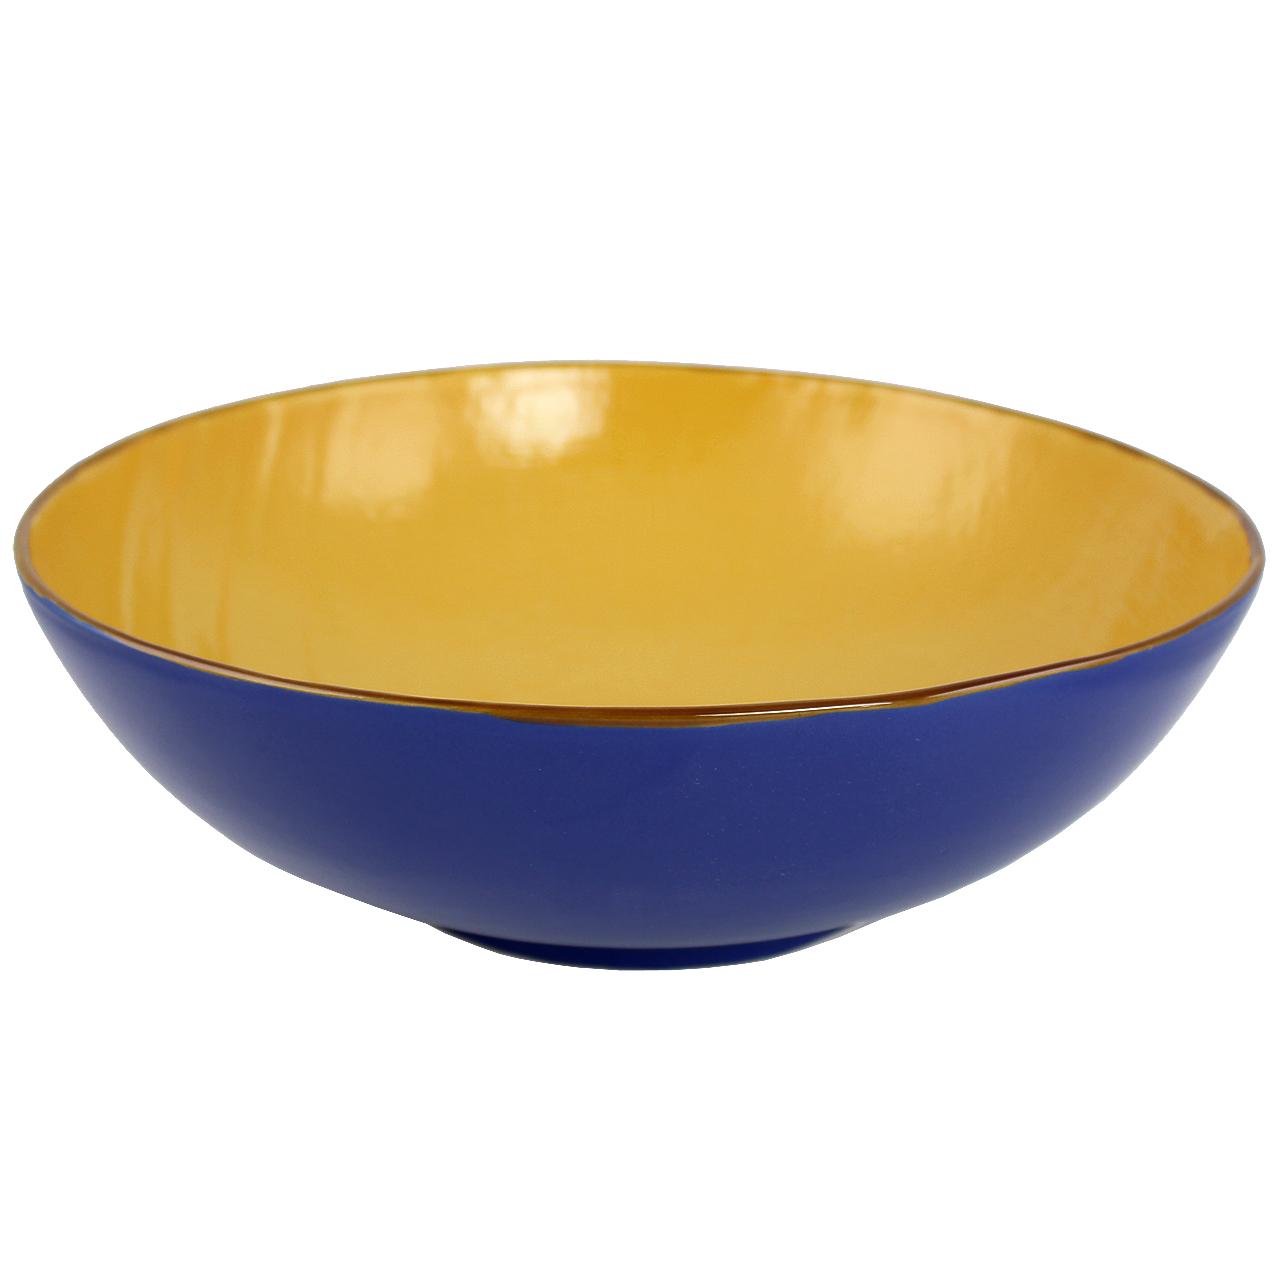 Bol din ceramica albastra cu galben 32 cm chicville 2021